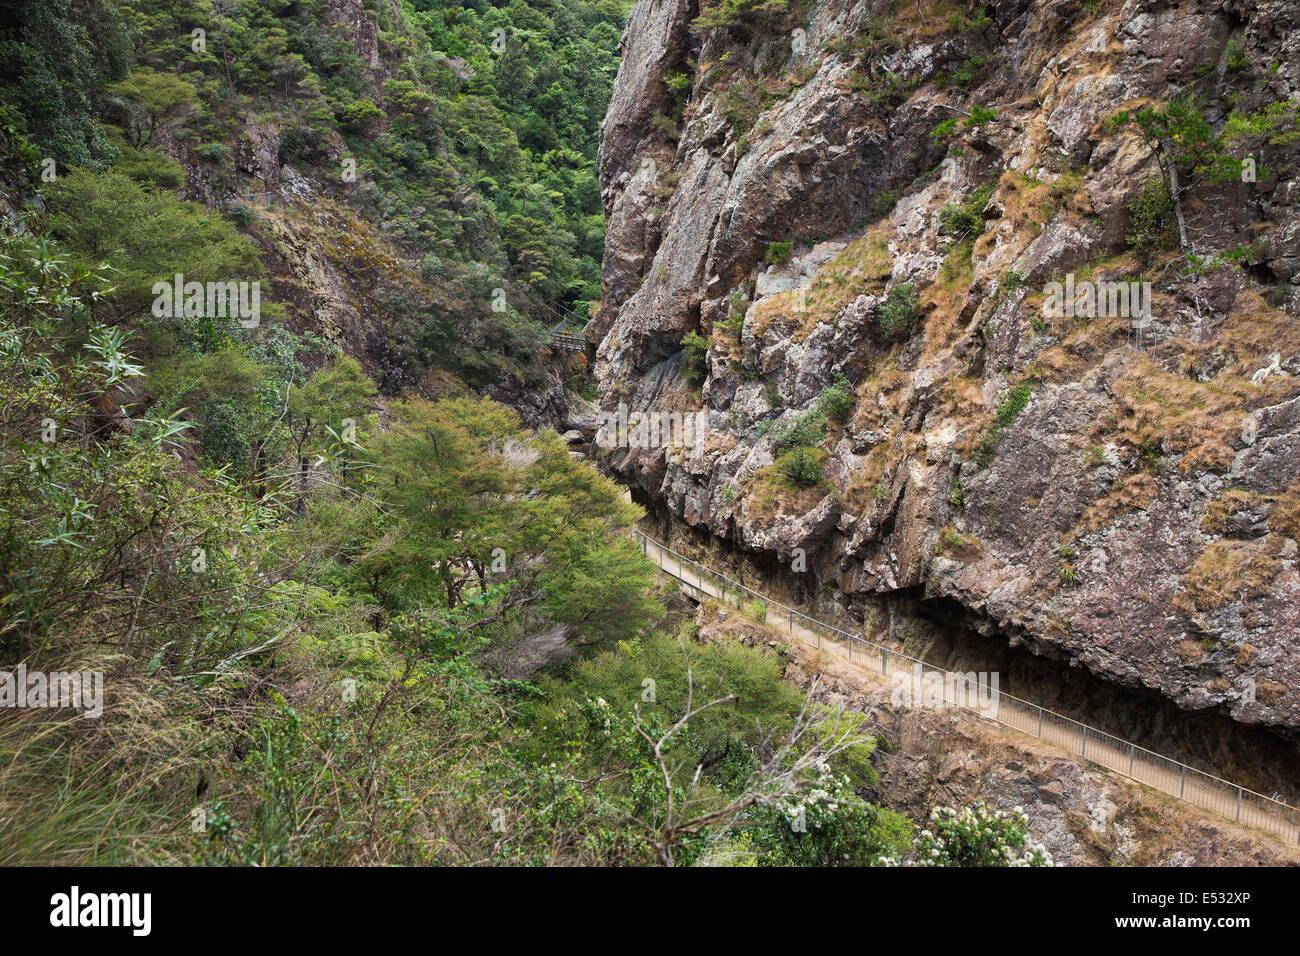 Passage étroit dans les gorges Photo Stock